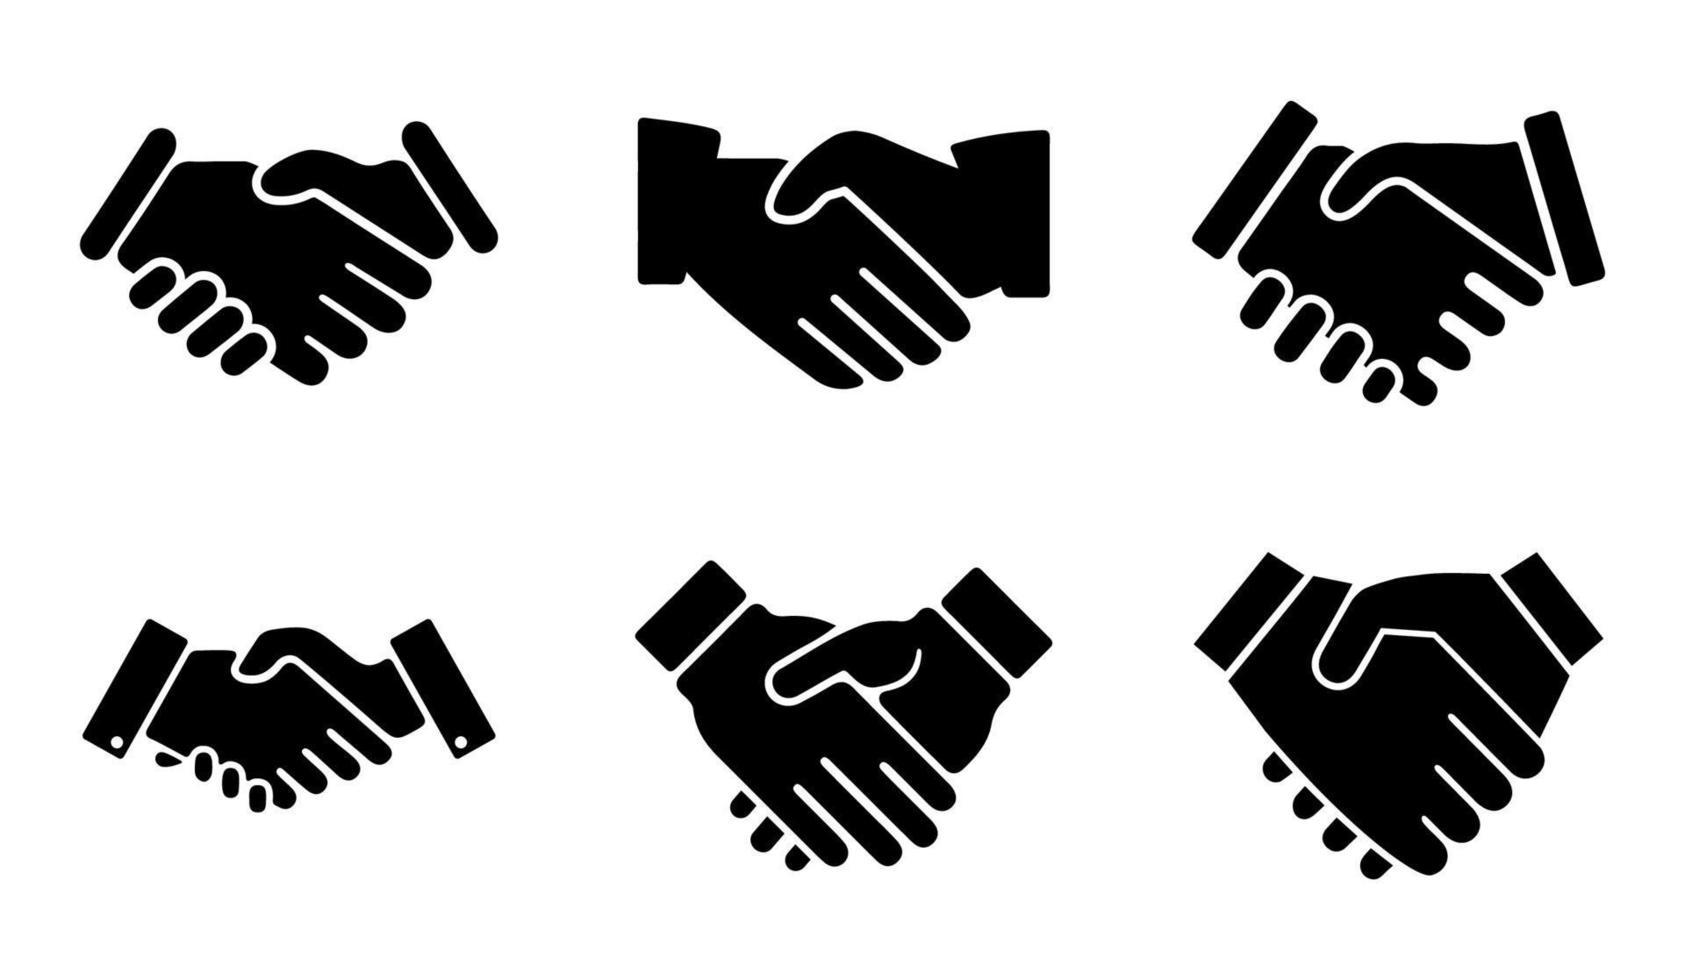 conjunto de ícones de aperto de mão - ilustração vetorial. vetor